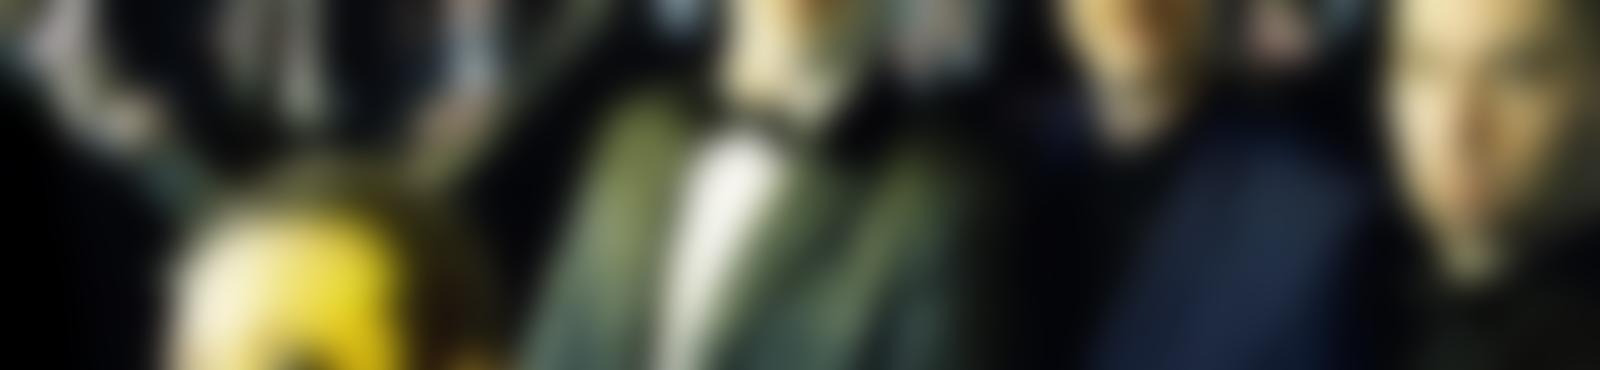 Blurred 6d101604 780d 4fa5 a801 080ae6d4dd02